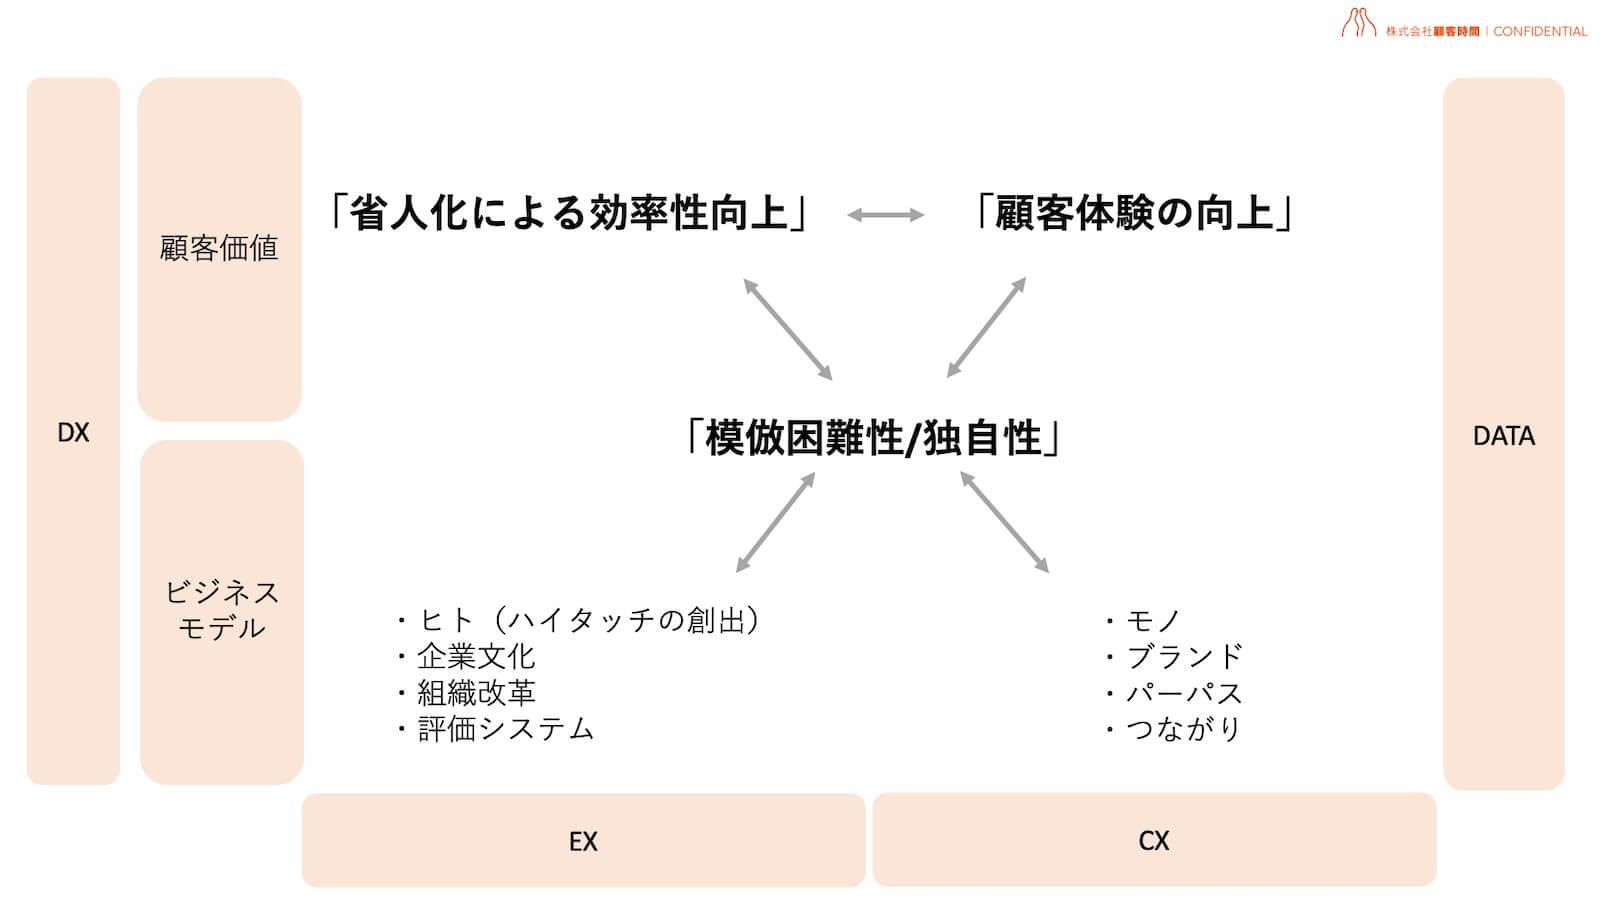 イメージ図:「模倣困難性/独自性」を作るために必要なEXとCXの観点で表したもの